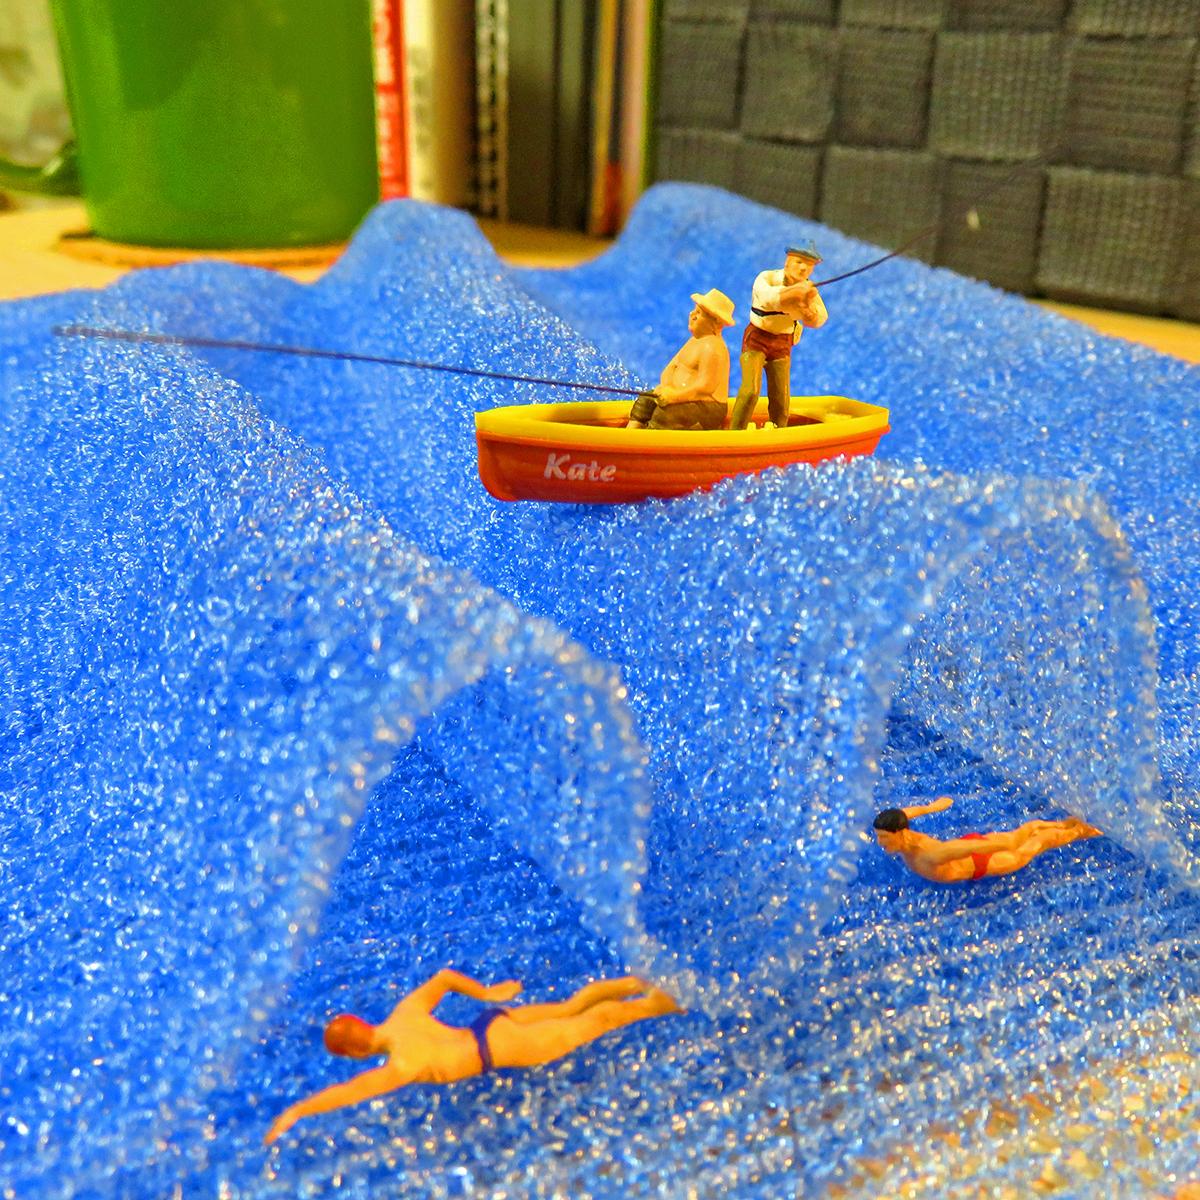 7月17は海の日!ボディタオルの大きな波に揺られながら船釣りをする釣り人と海中を泳ぐ海パン男たち